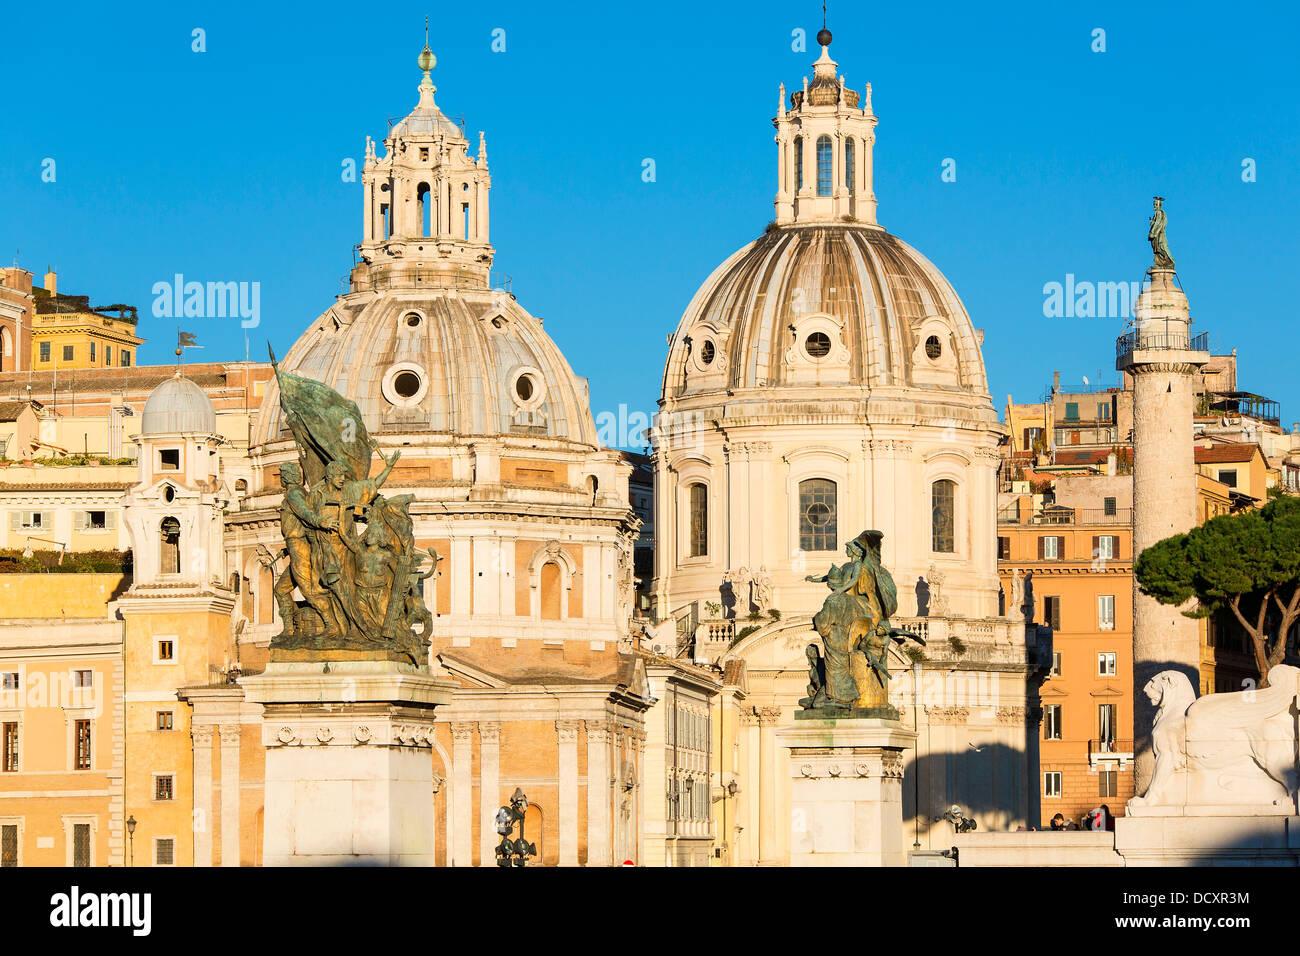 Colonna di Traiano e la chiesa in Fori Imperiali Immagini Stock